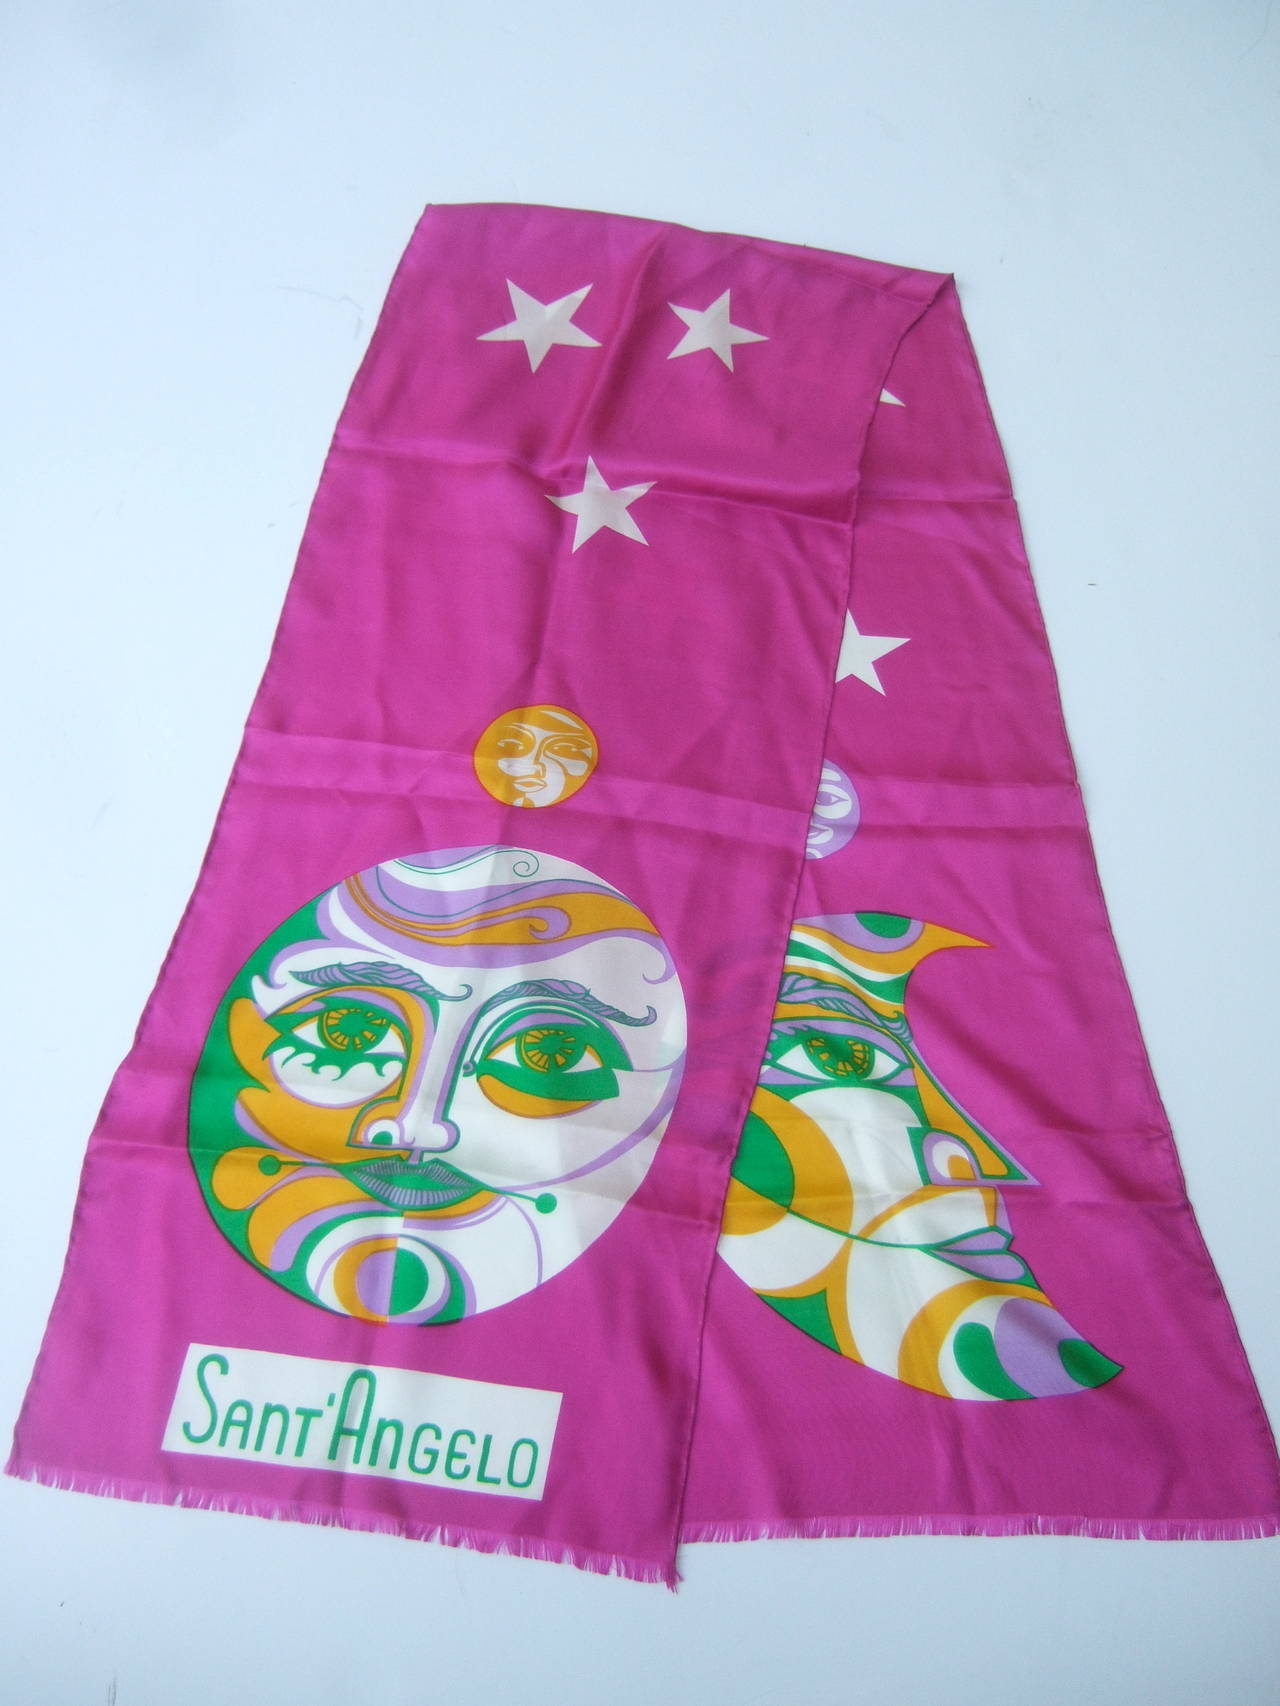 Sant' Angelo Moon & Stars Fuchsia Silk Oblong Scarf c 1970 For Sale 4